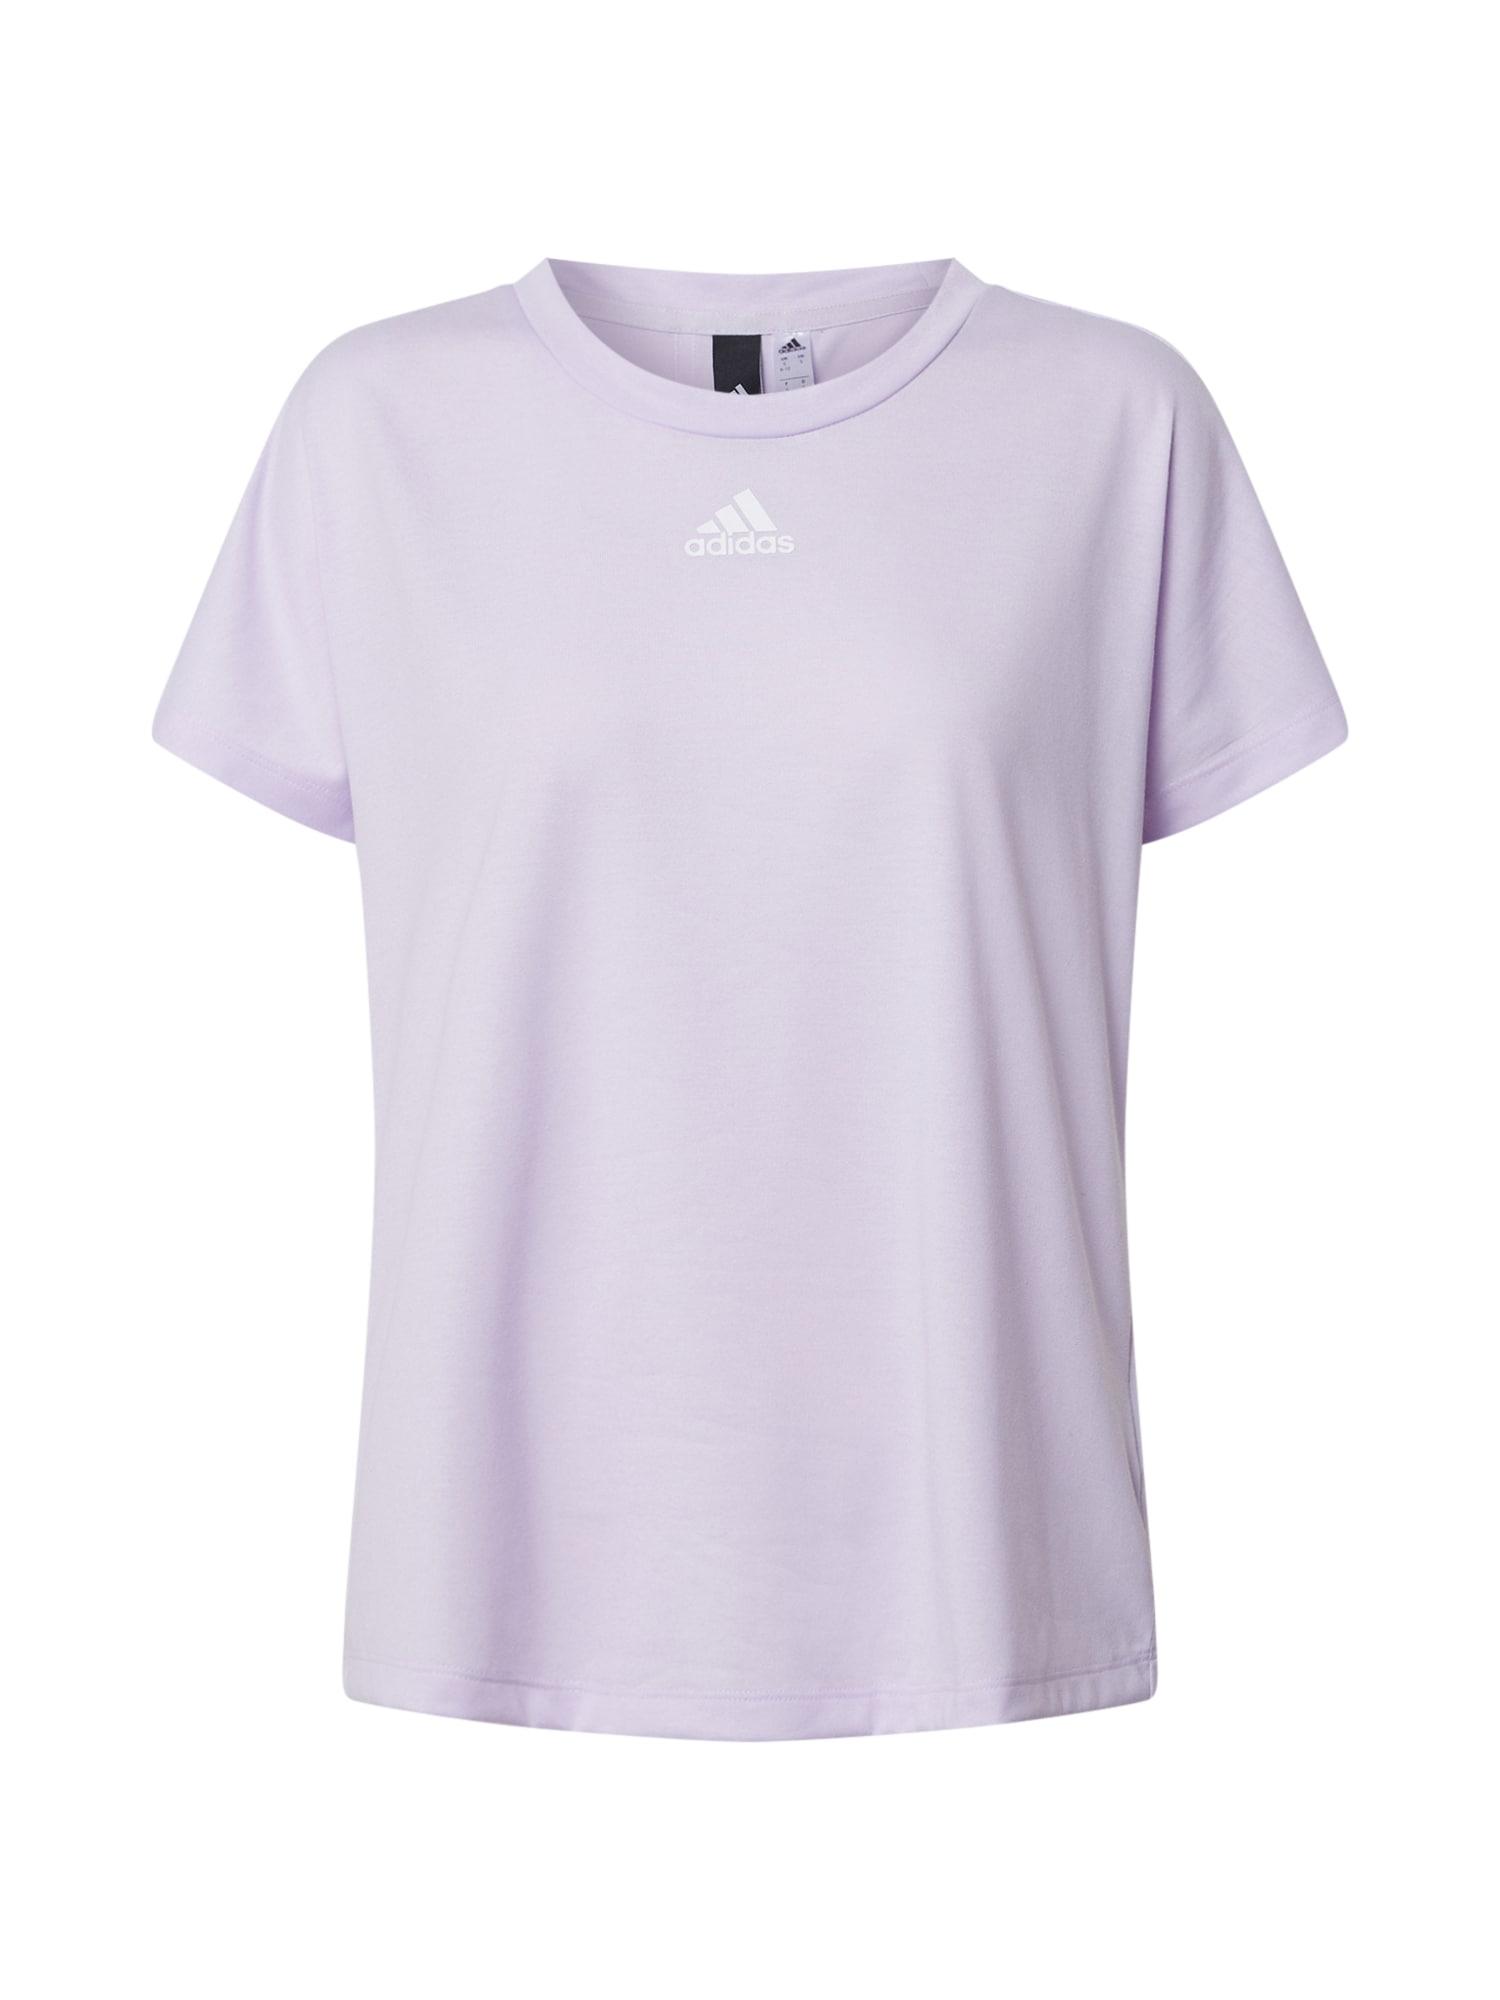 ADIDAS PERFORMANCE Sportiniai marškinėliai šviesiai violetinė